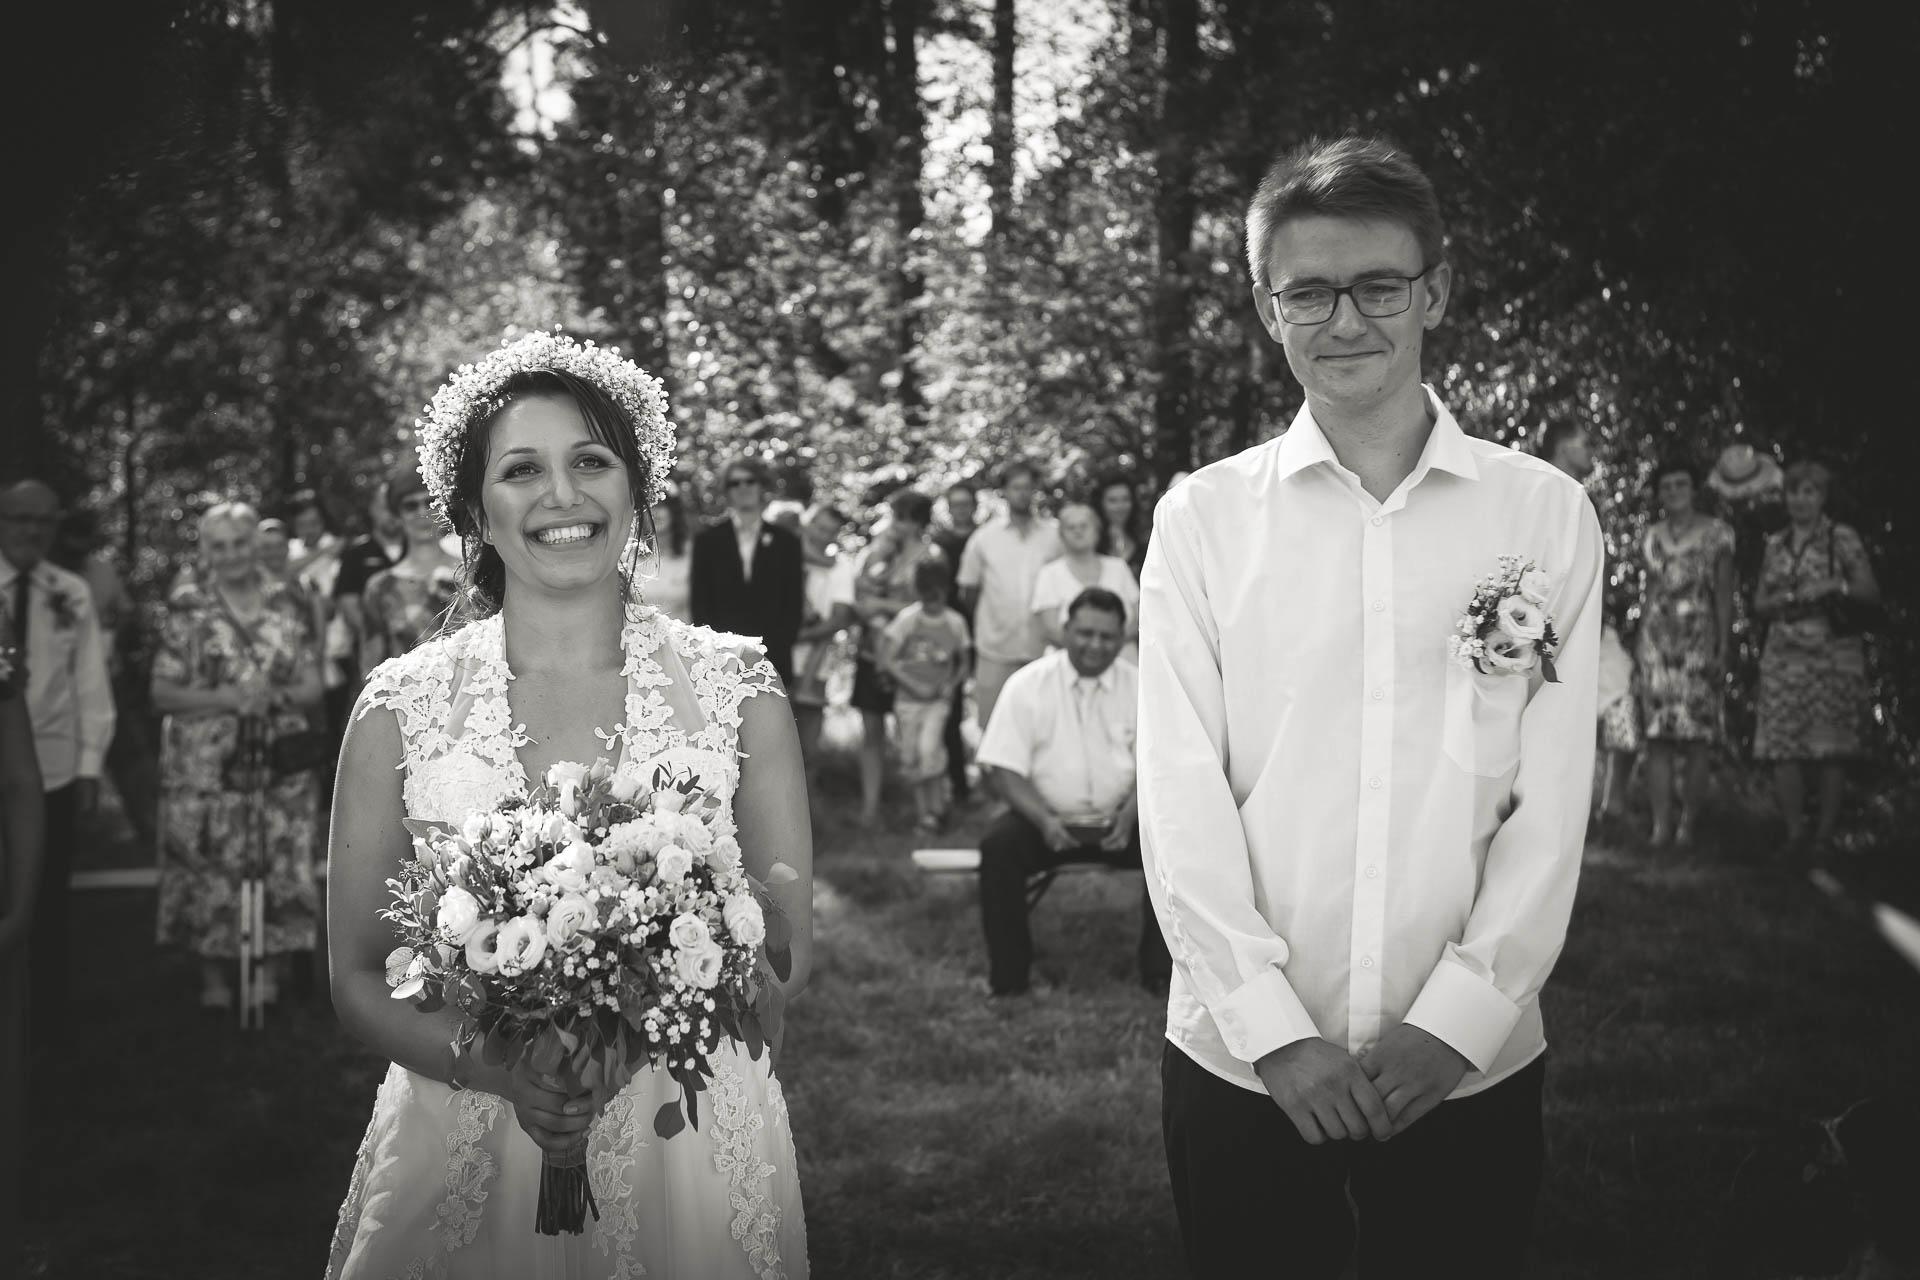 svatební fotograf boho svatba přírodní svatba-27